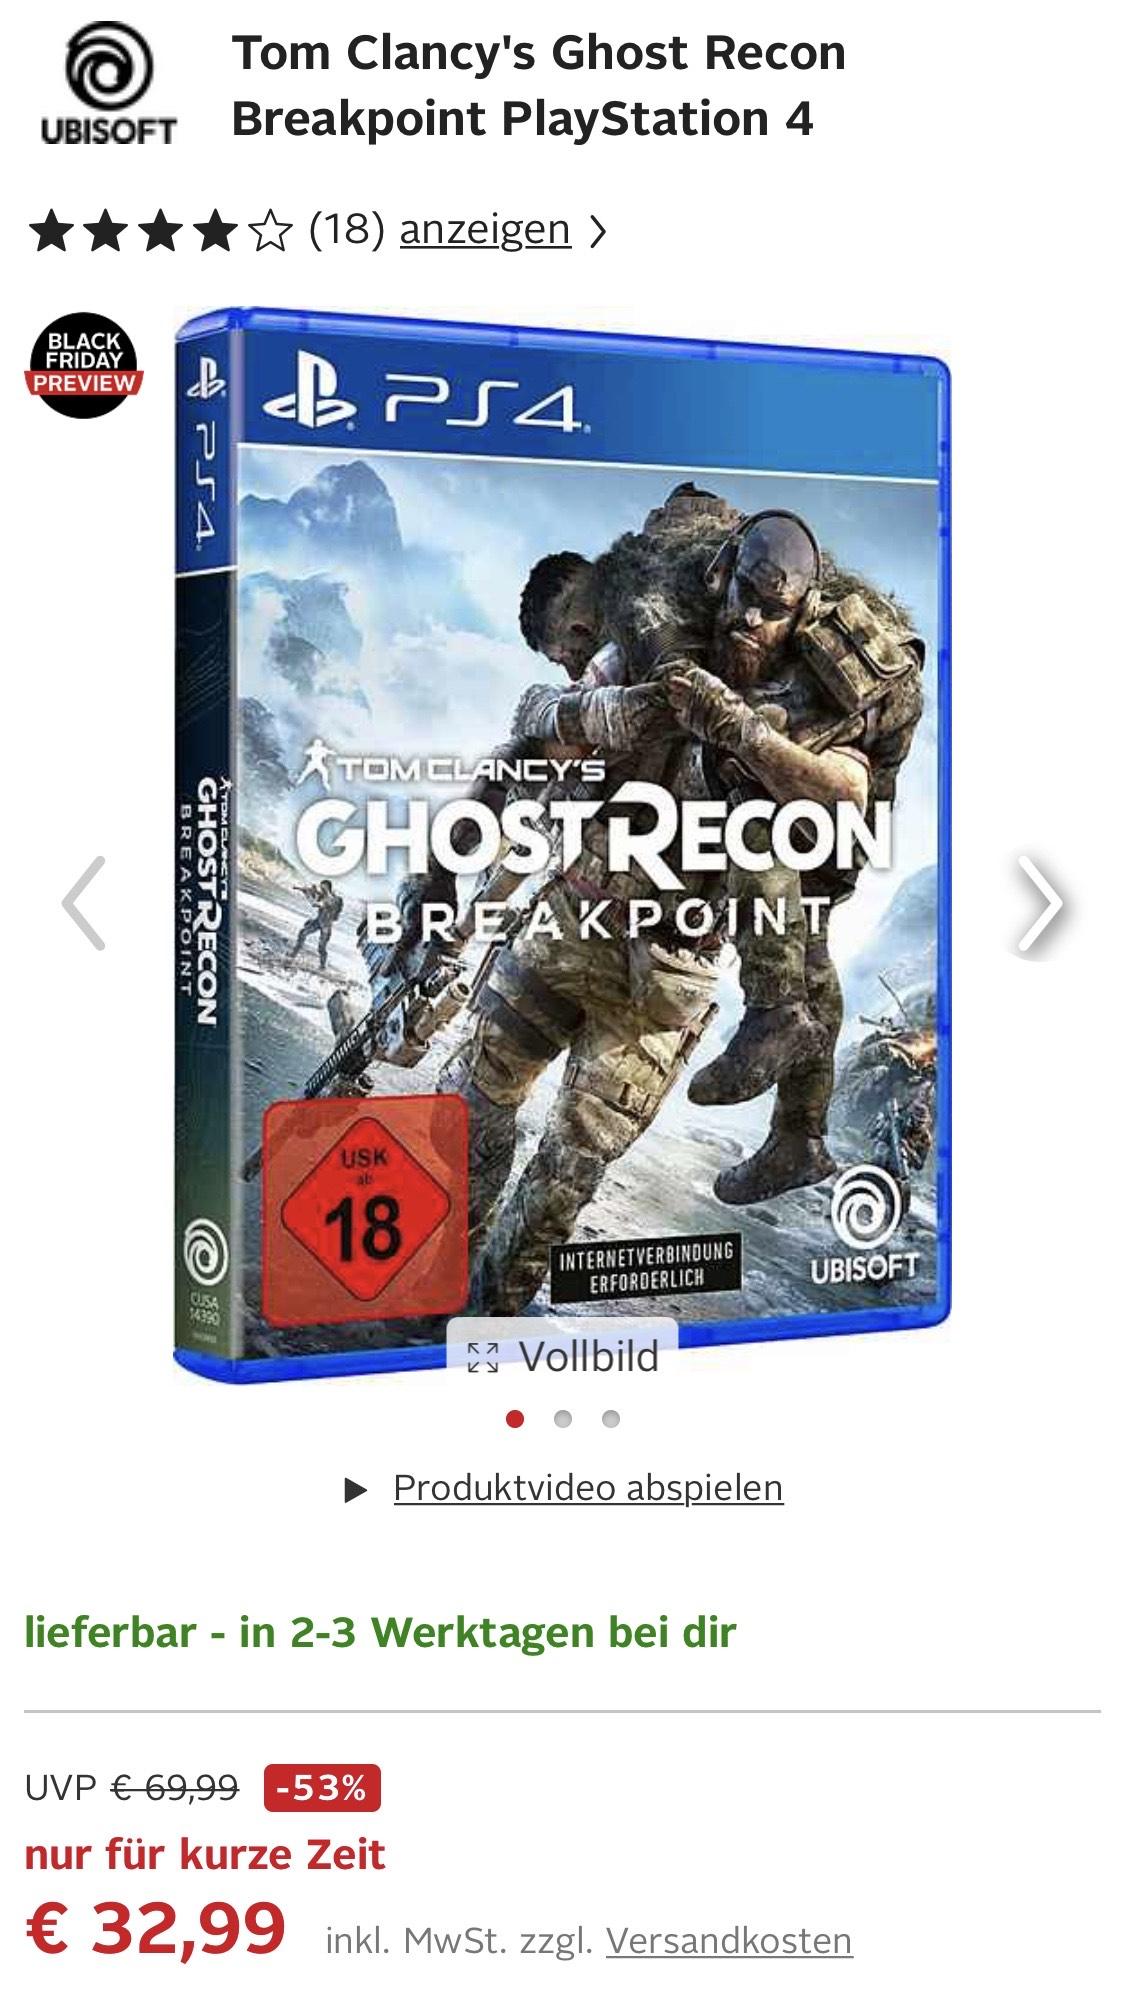 Ghost Recon: Breakpoint (PS4/XBOX) als Neukunde für 16,34 € bzw. 32,99 € als Bestandskunde